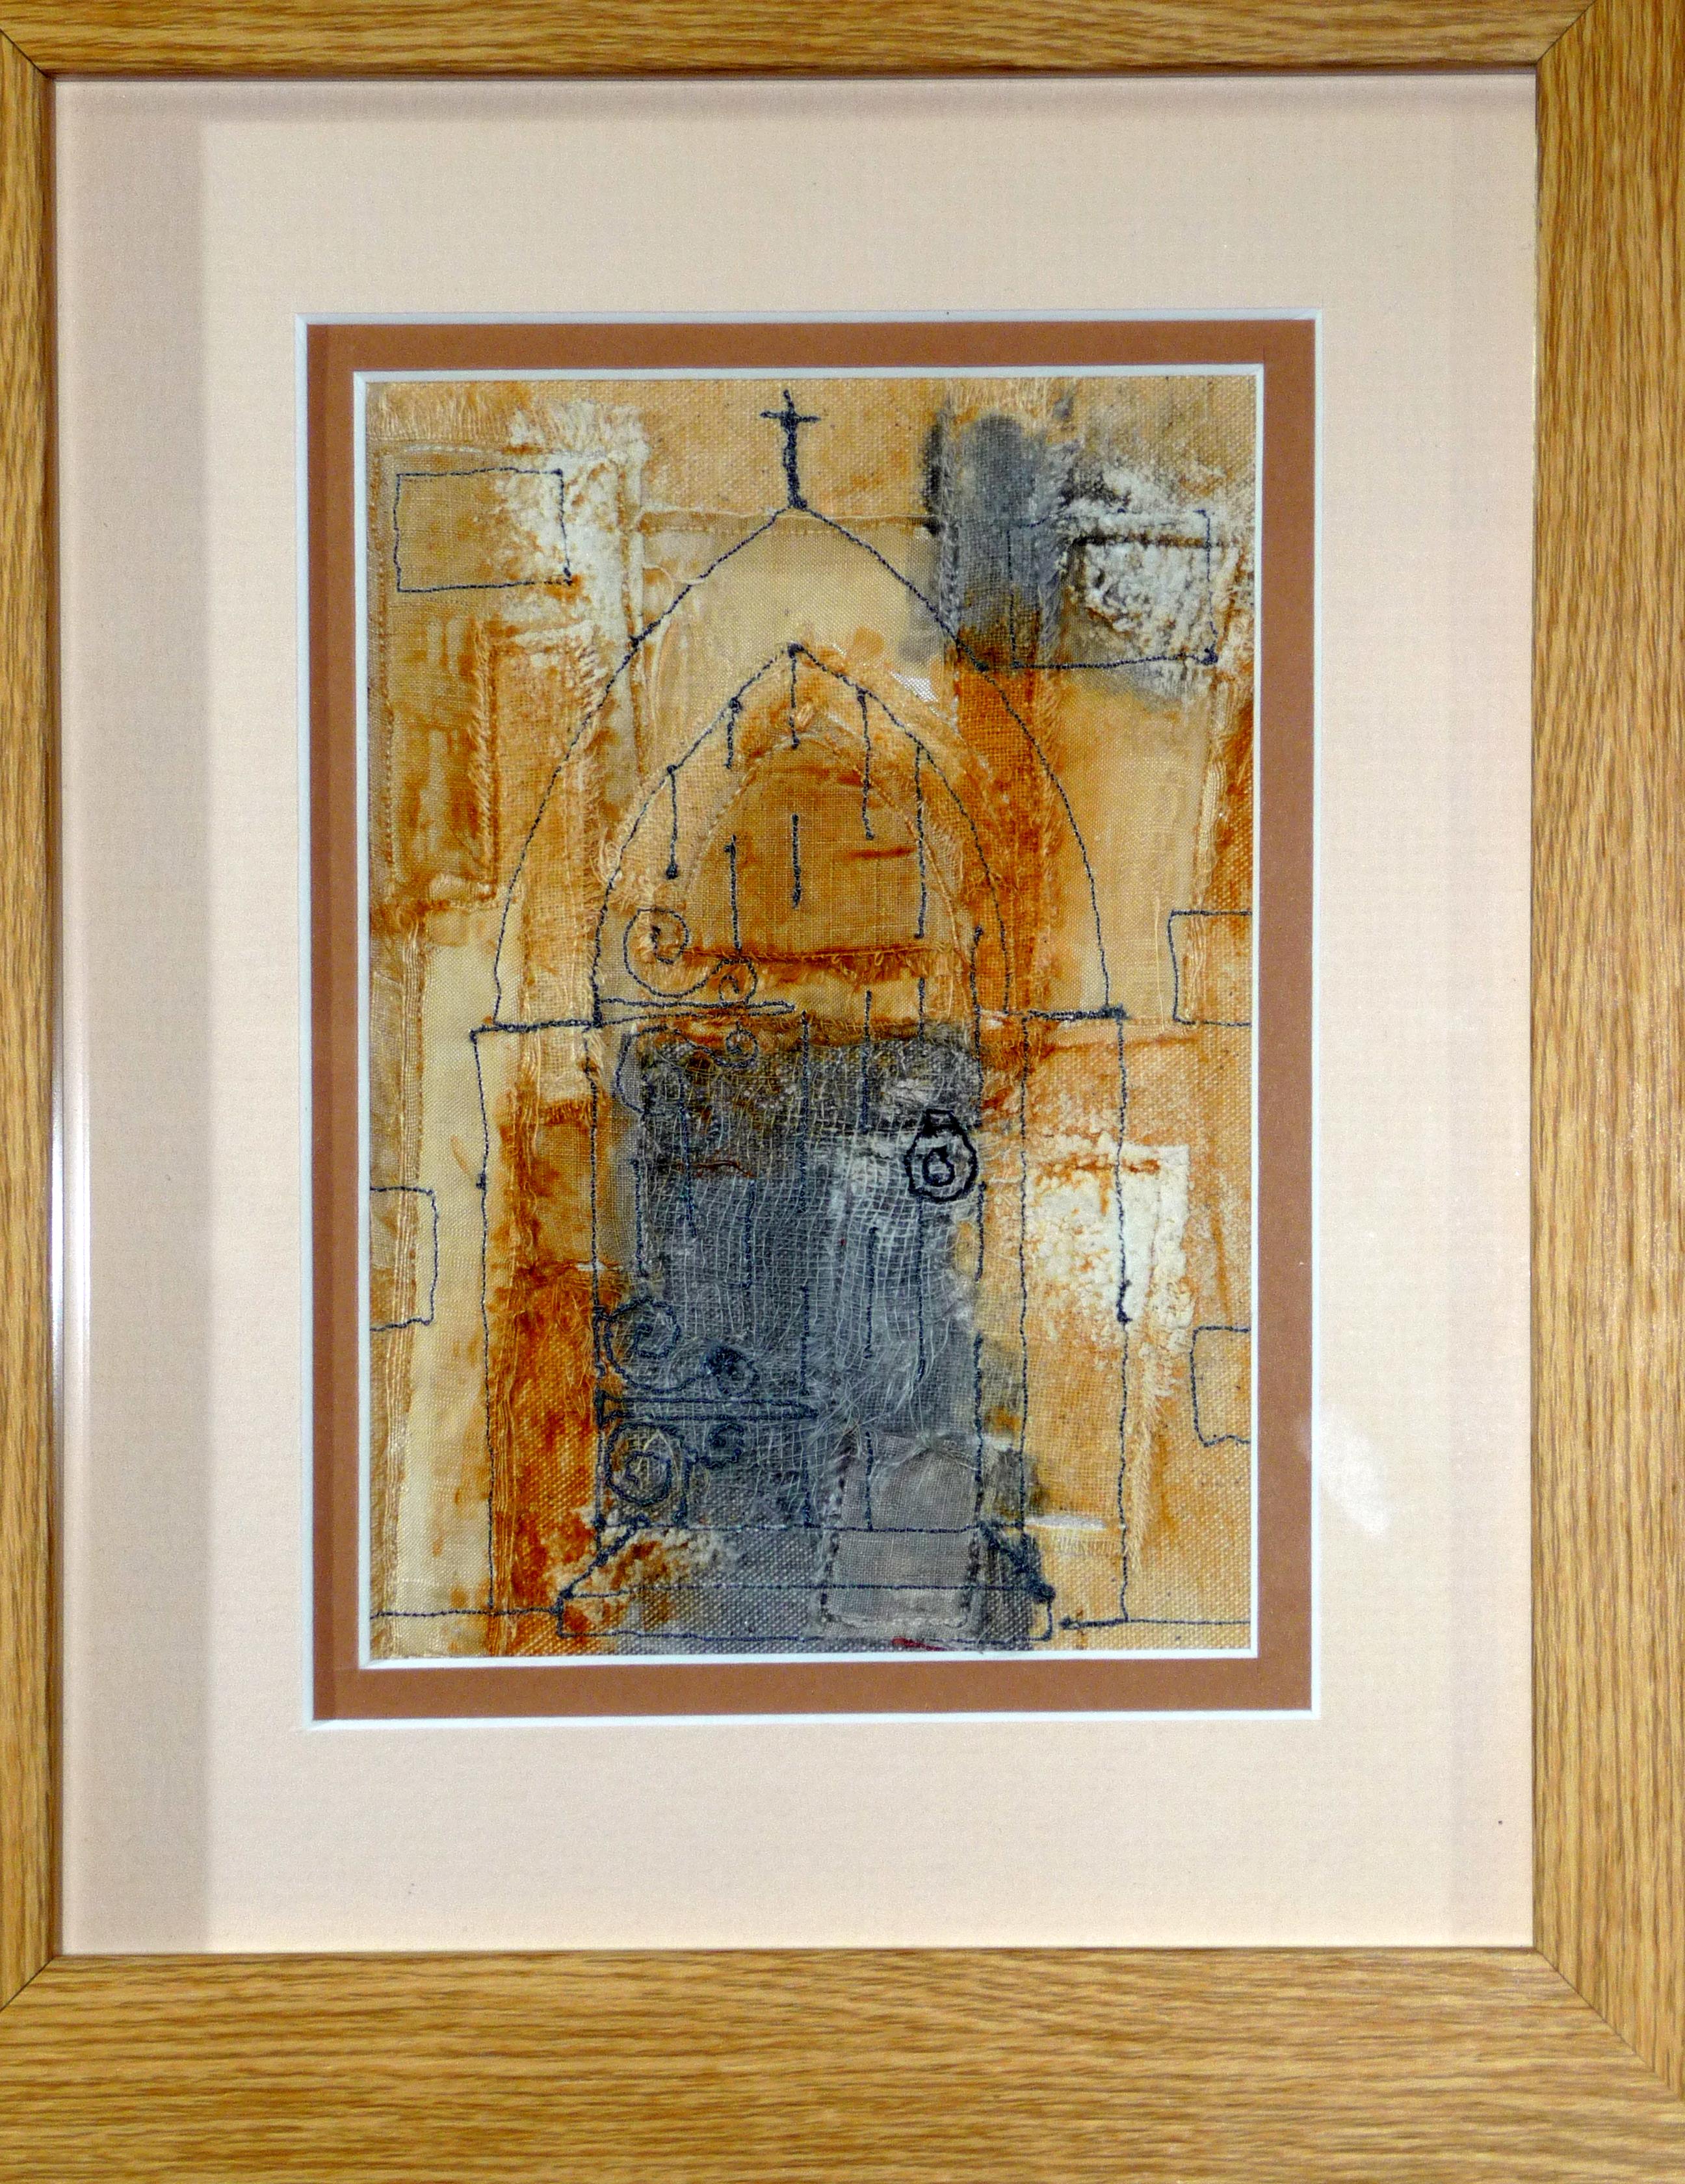 SARAH'S SAMPLE by Sarah Rakestraw, free machine embroidery